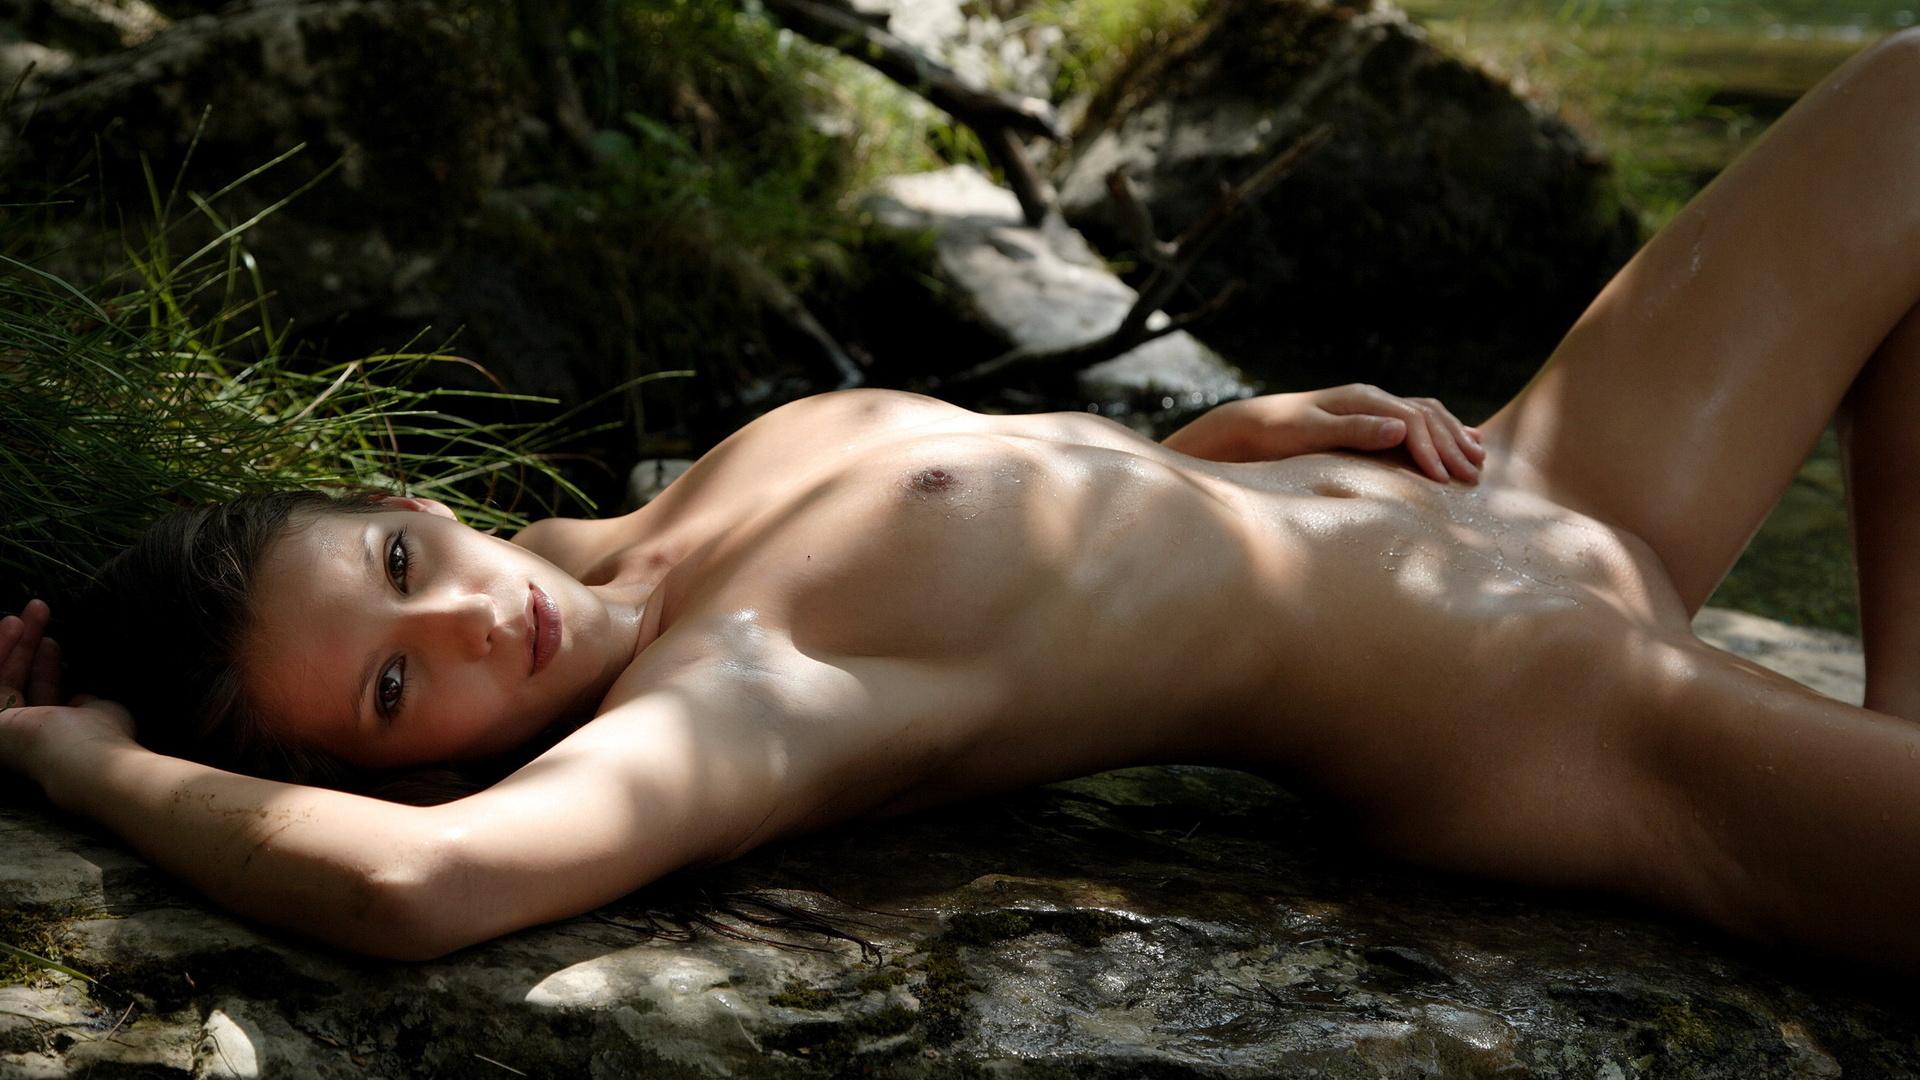 yandeks-foto-erotika